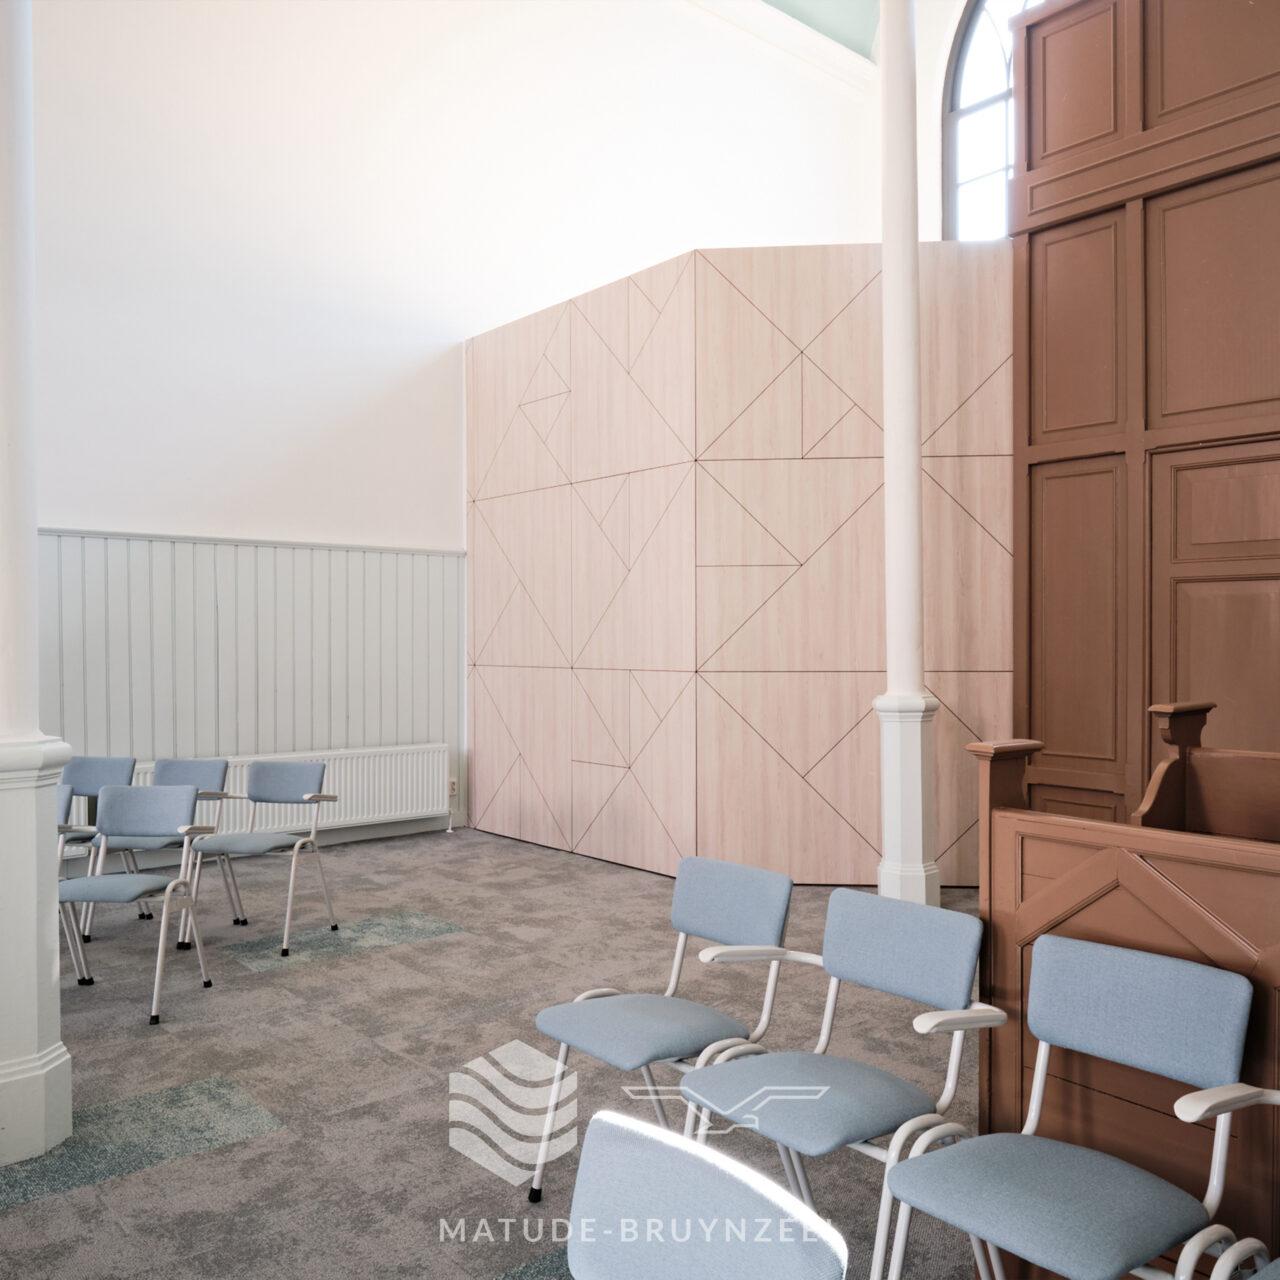 https://www.matude.nl/wp-content/uploads/2021/07/Matude_Bruynzeel_Herengrachtkerk_Leiden_Micro_Geperforeerde_Panelen-1280x1280.jpg